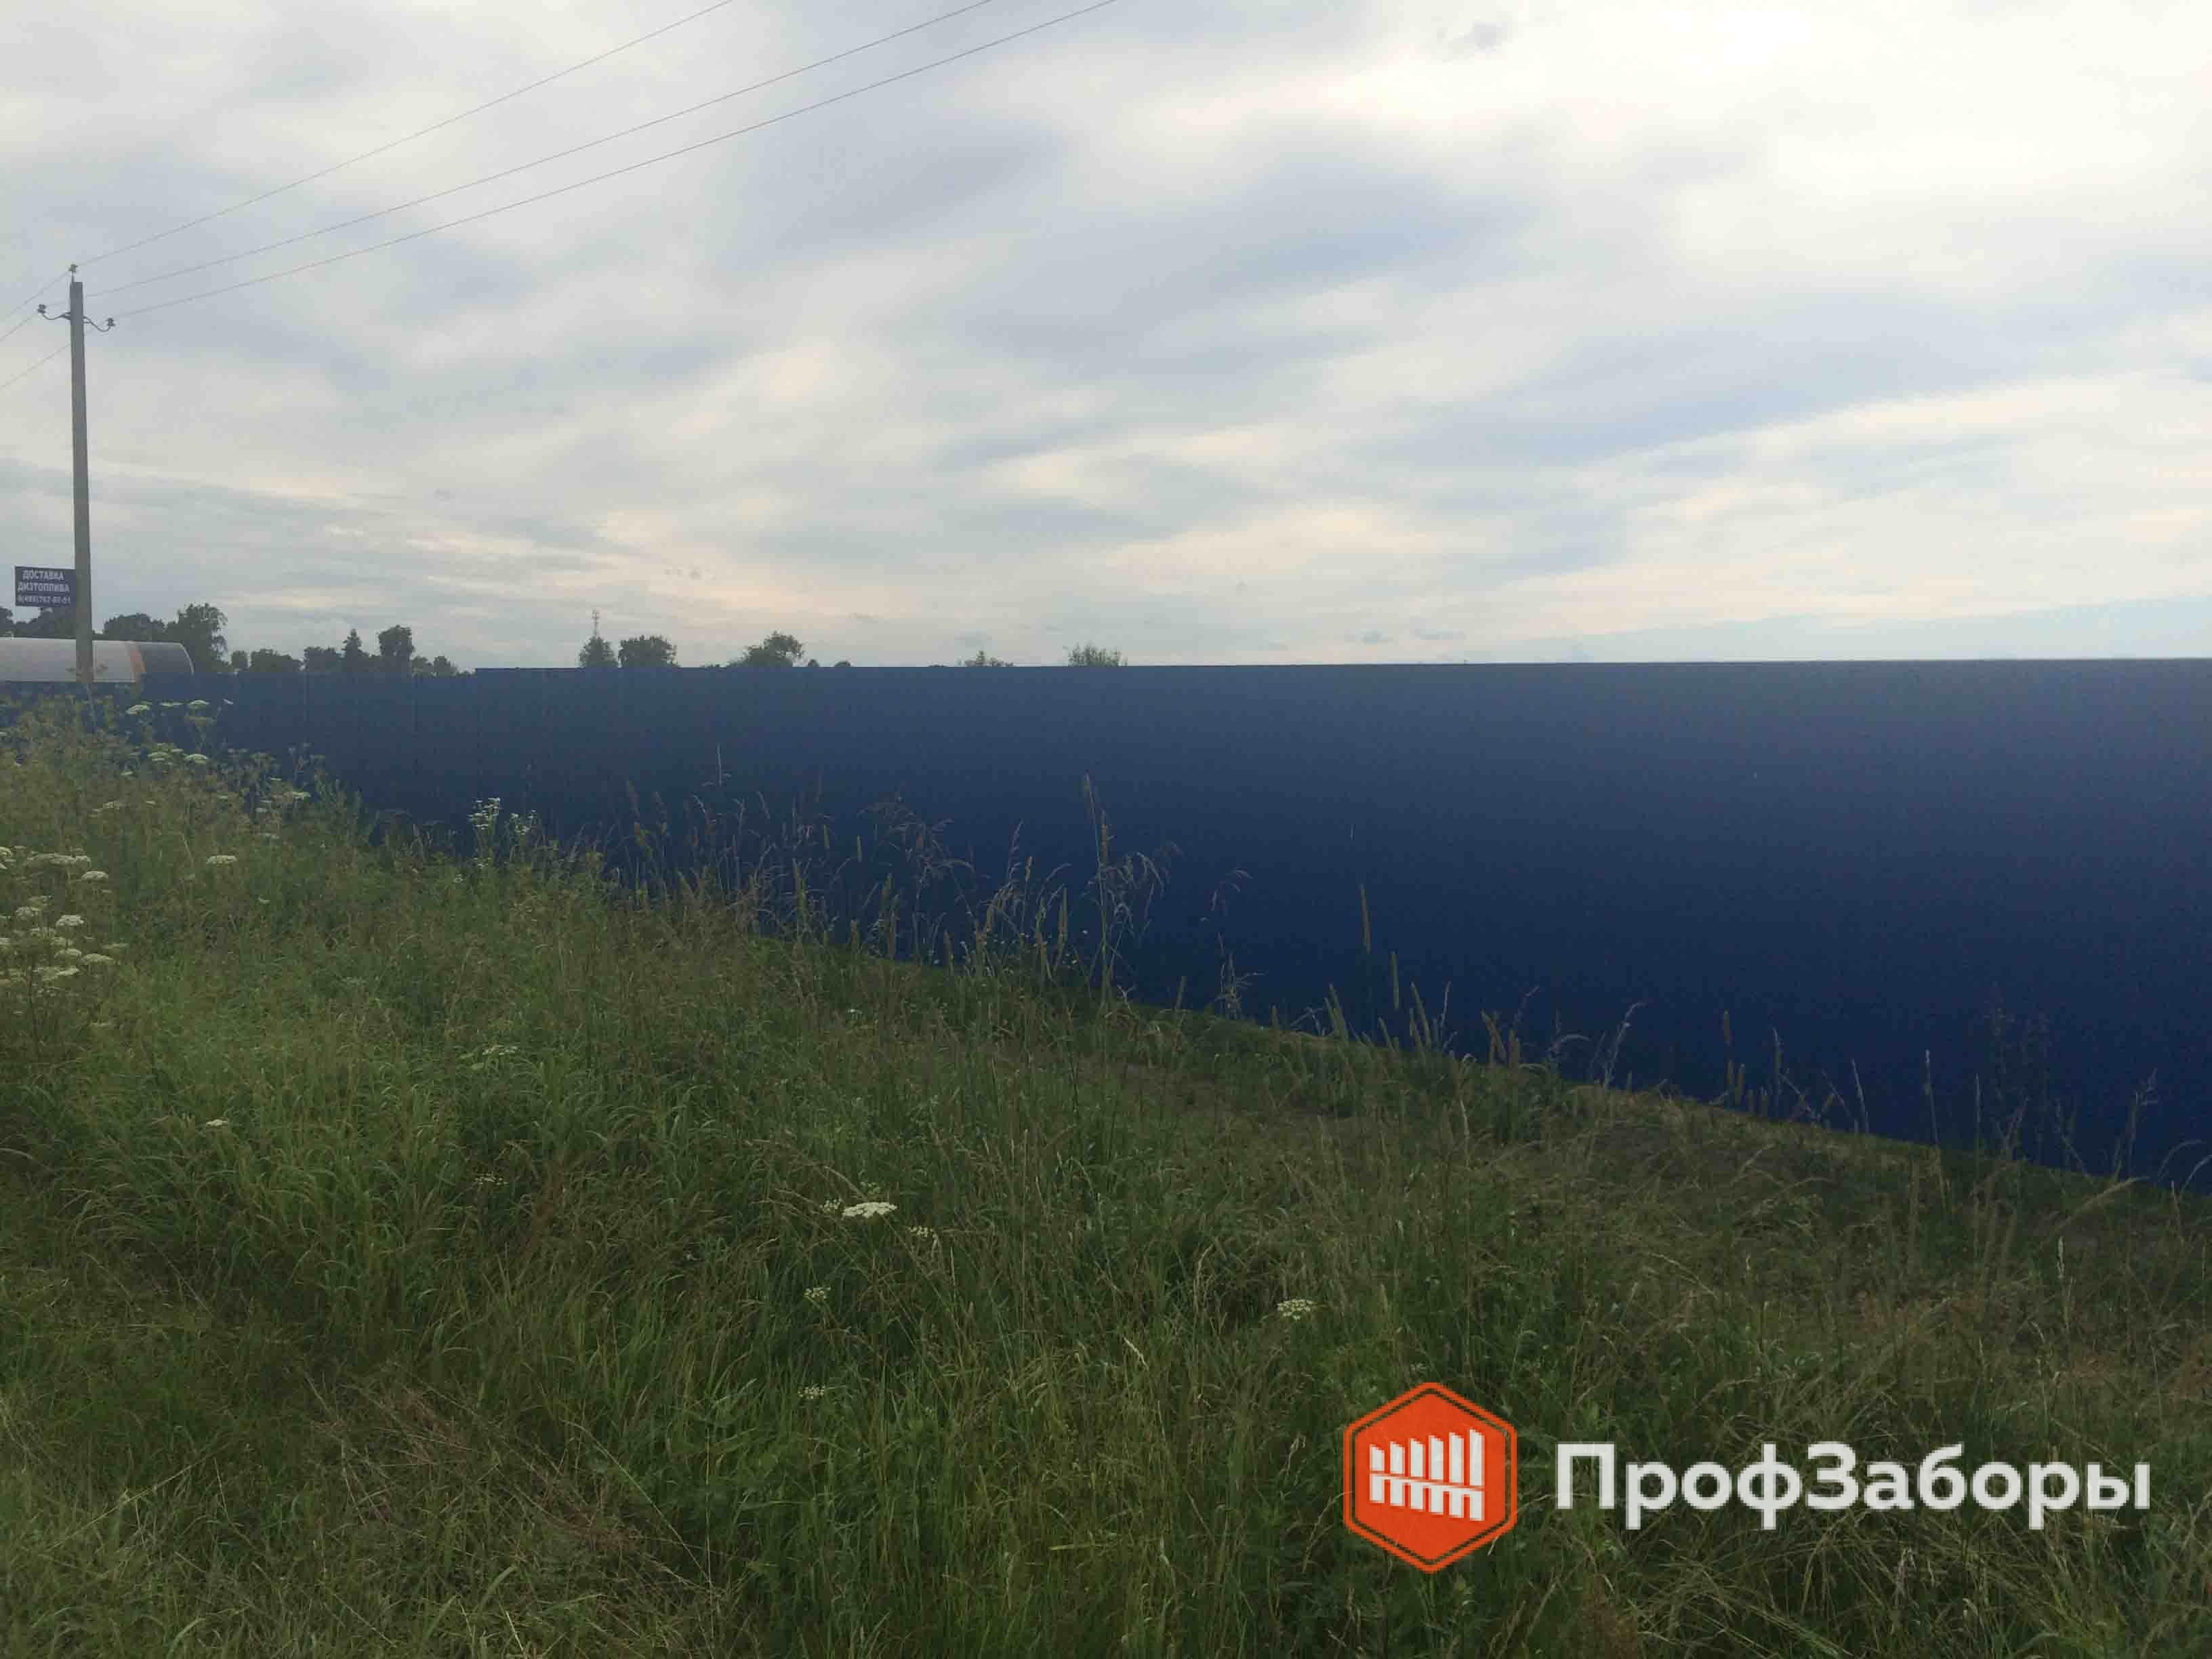 Заборы Из профнастила  - Городской округ Зарайск. Фото 4